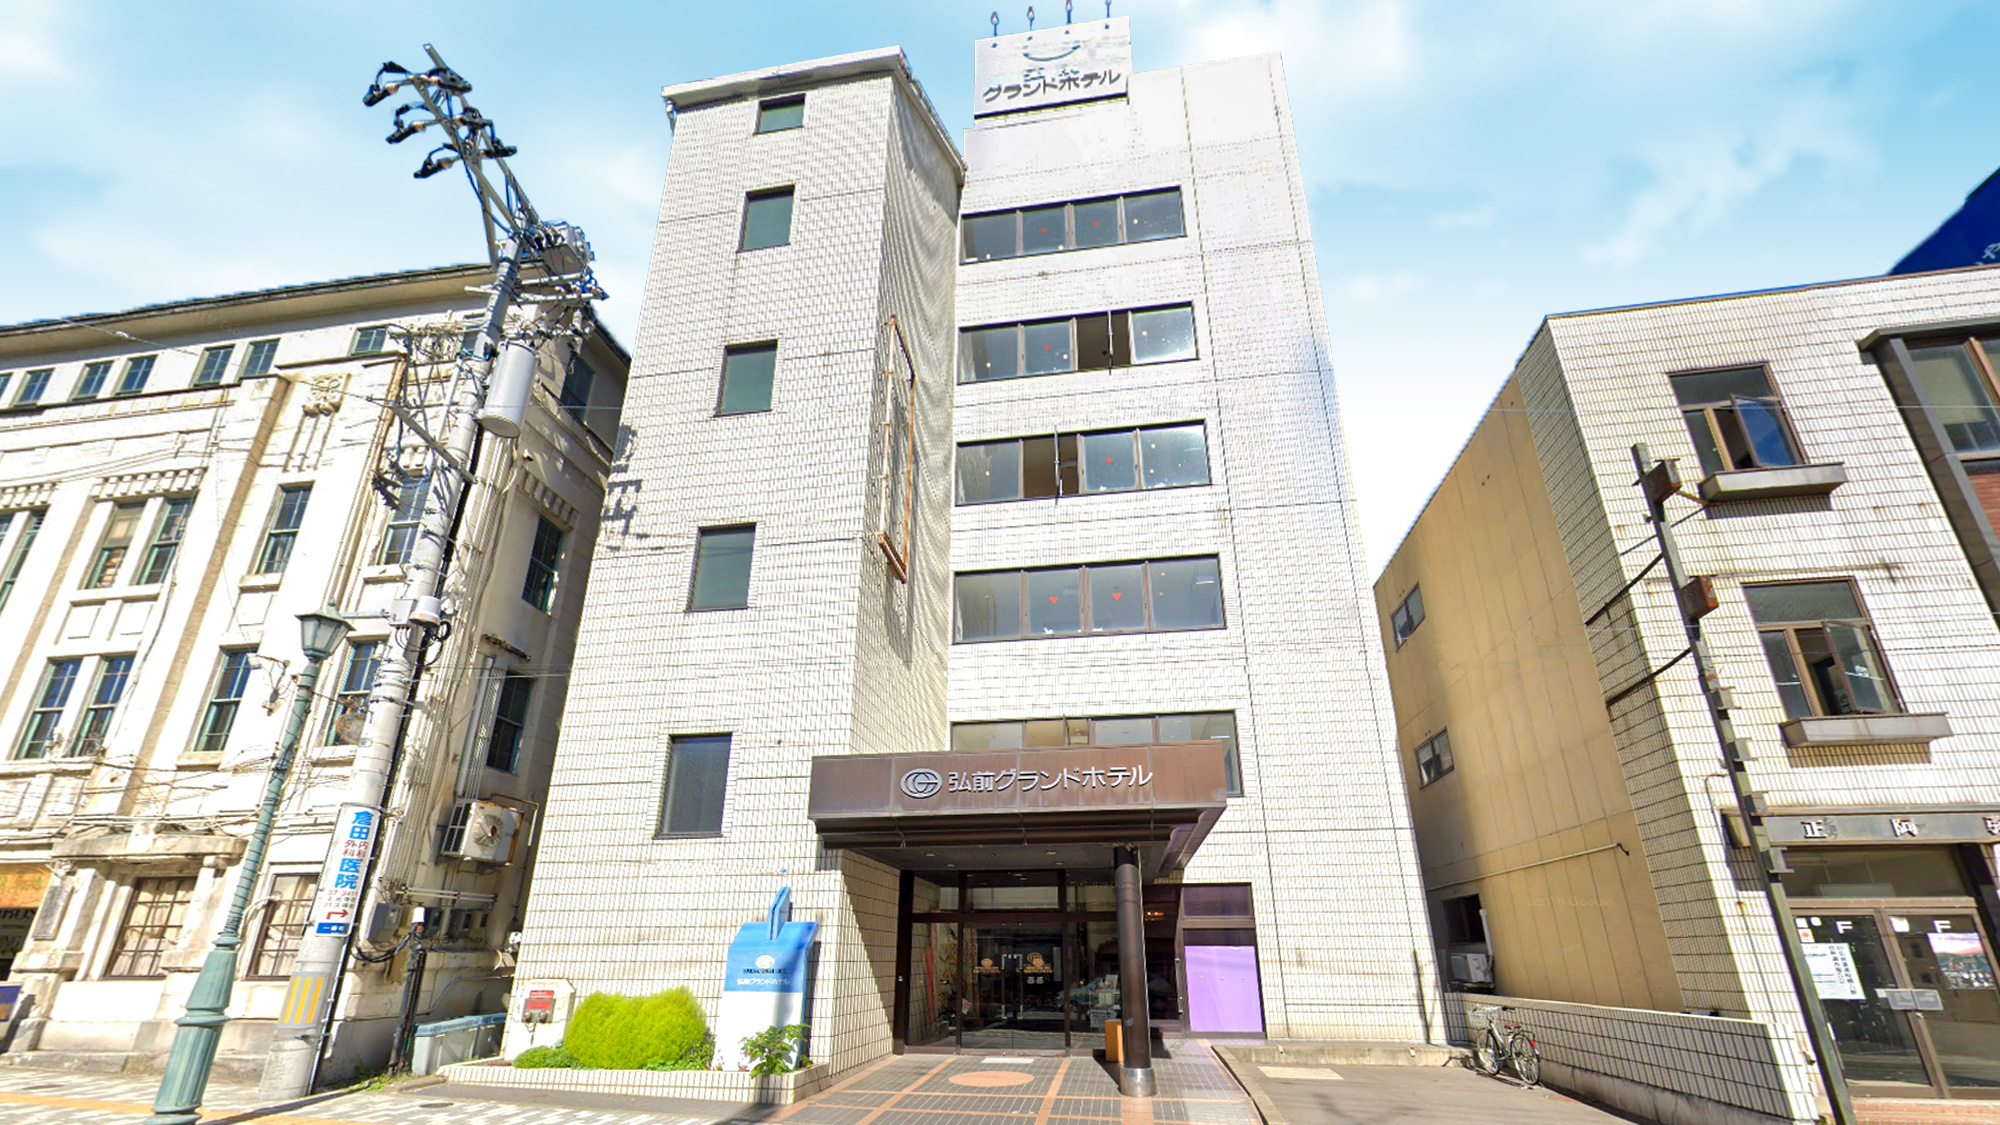 弘前グランドホテル 弘前城前